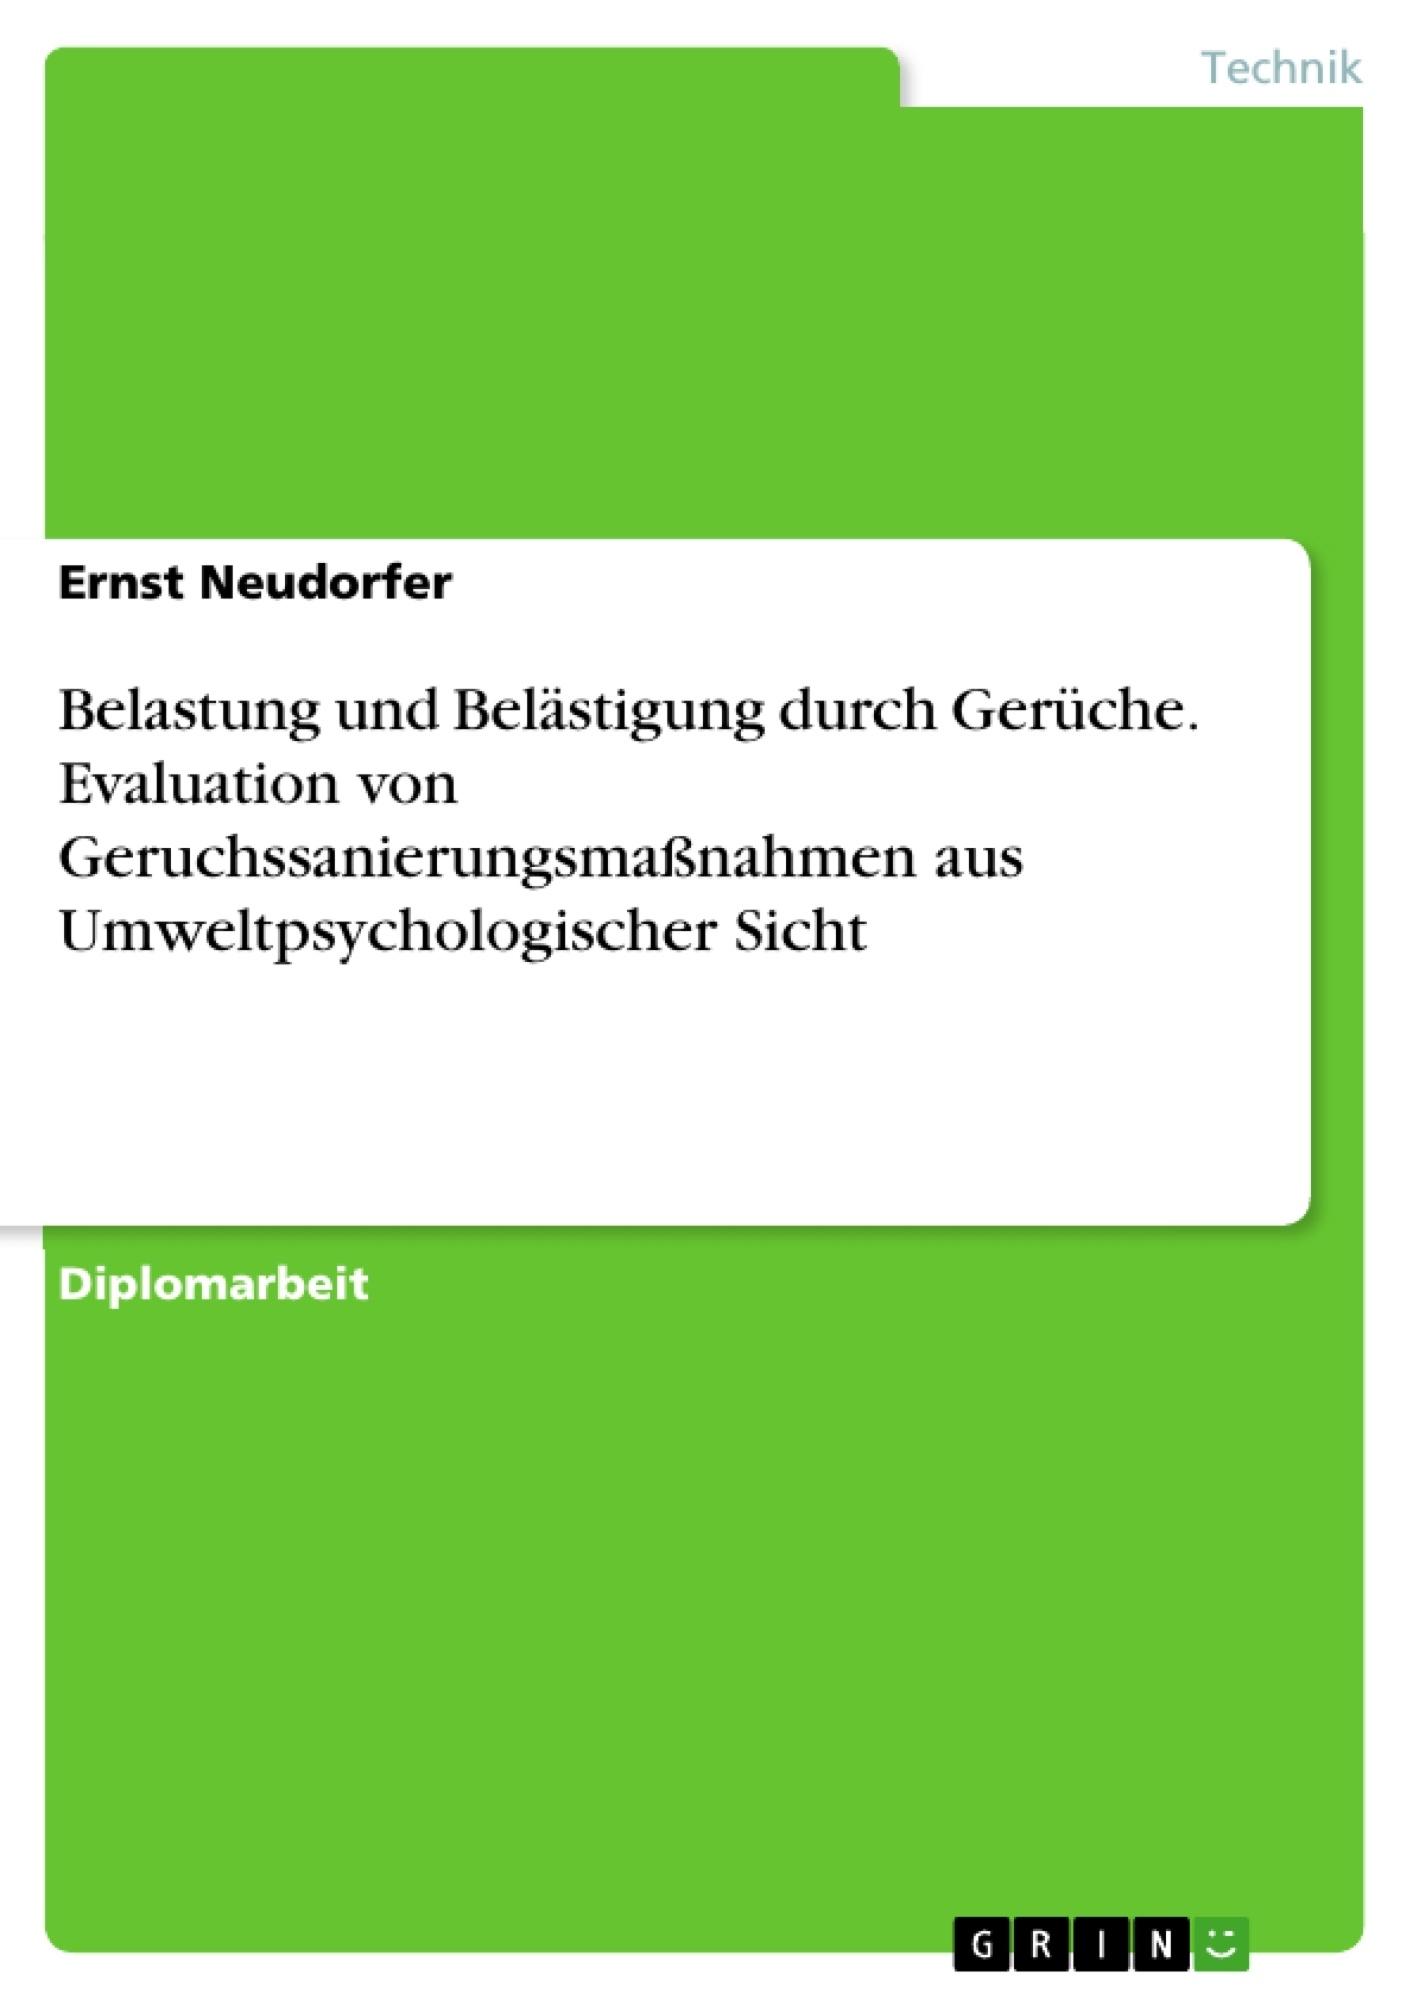 Titel: Belastung und Belästigung durch Gerüche. Evaluation von Geruchssanierungsmaßnahmen aus Umweltpsychologischer Sicht